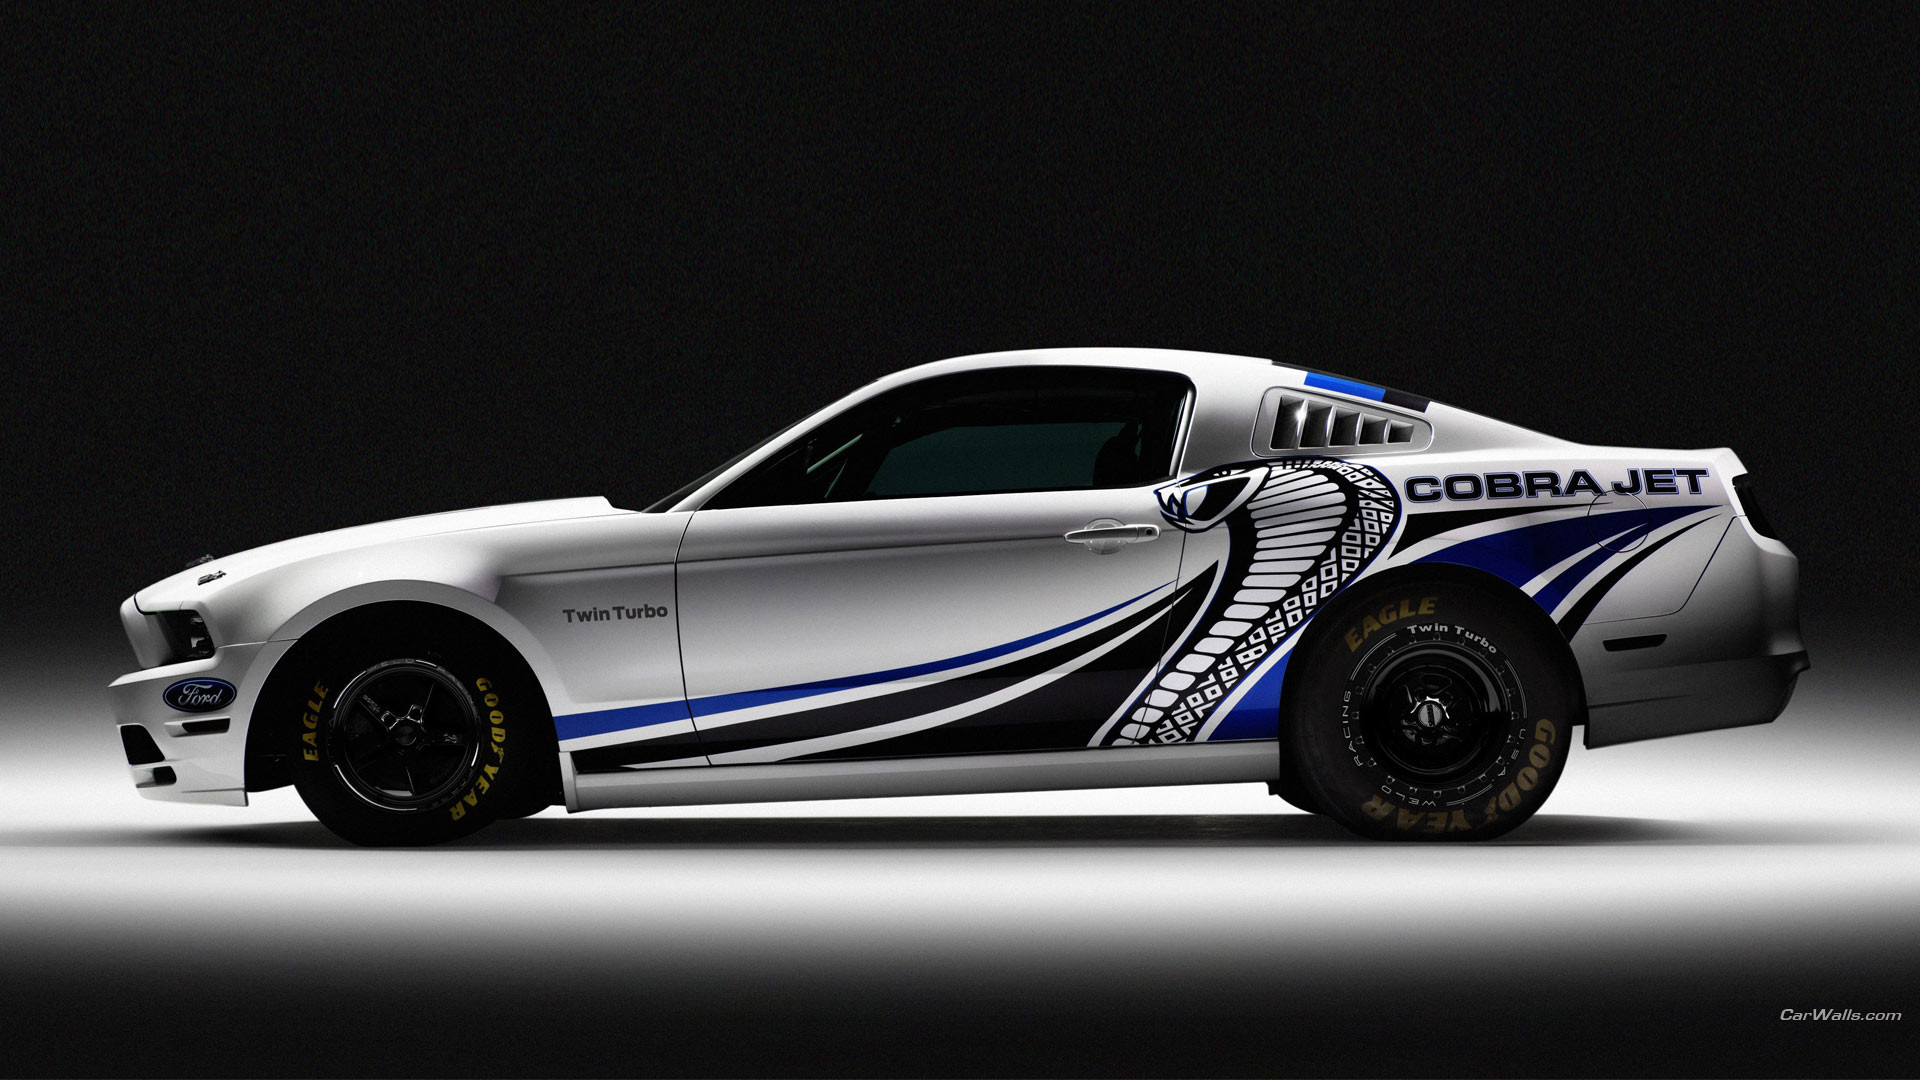 Ford Mustang Super Snake Cobra Jet 2